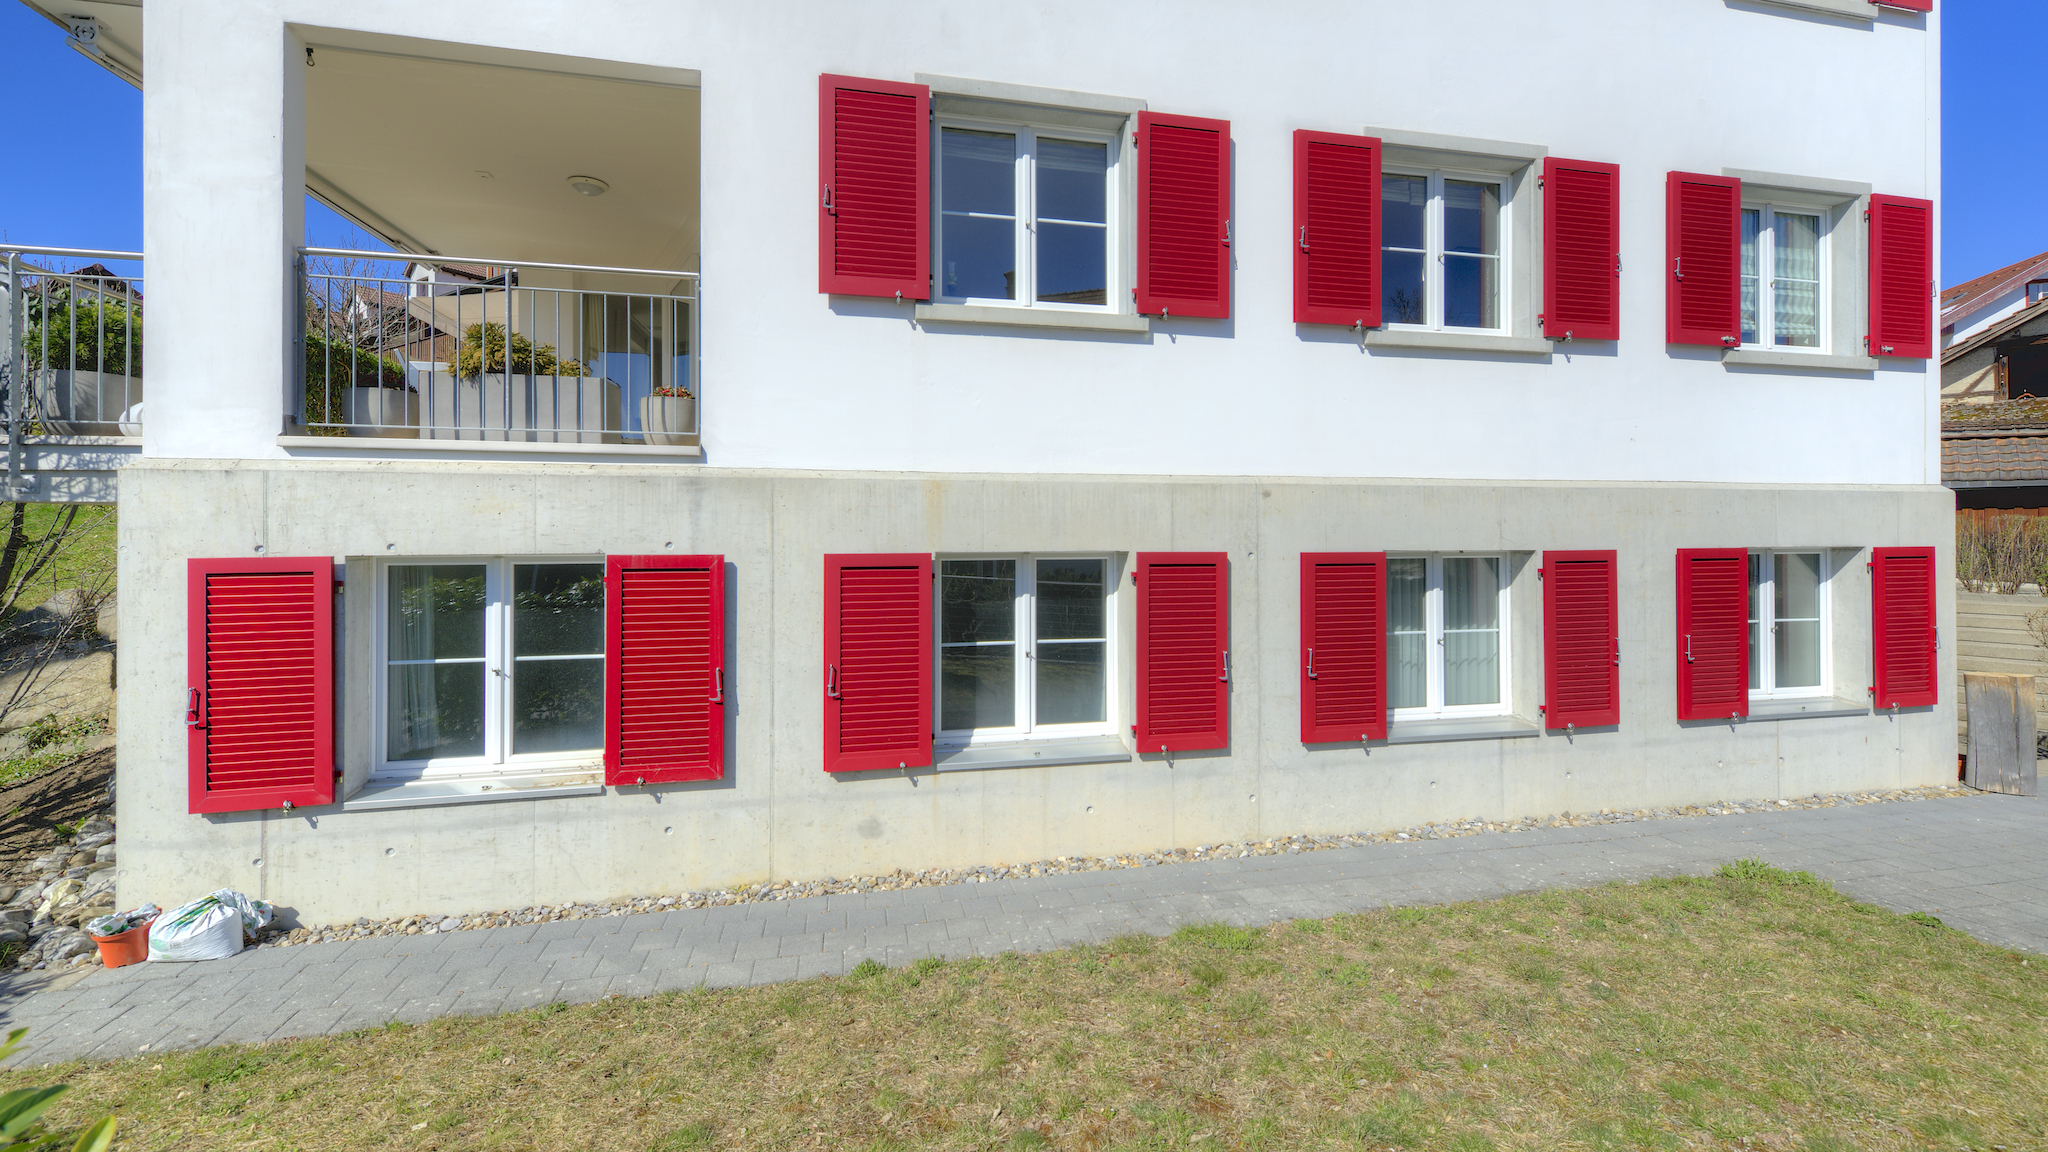 Frontal-Ansicht der Wohnung